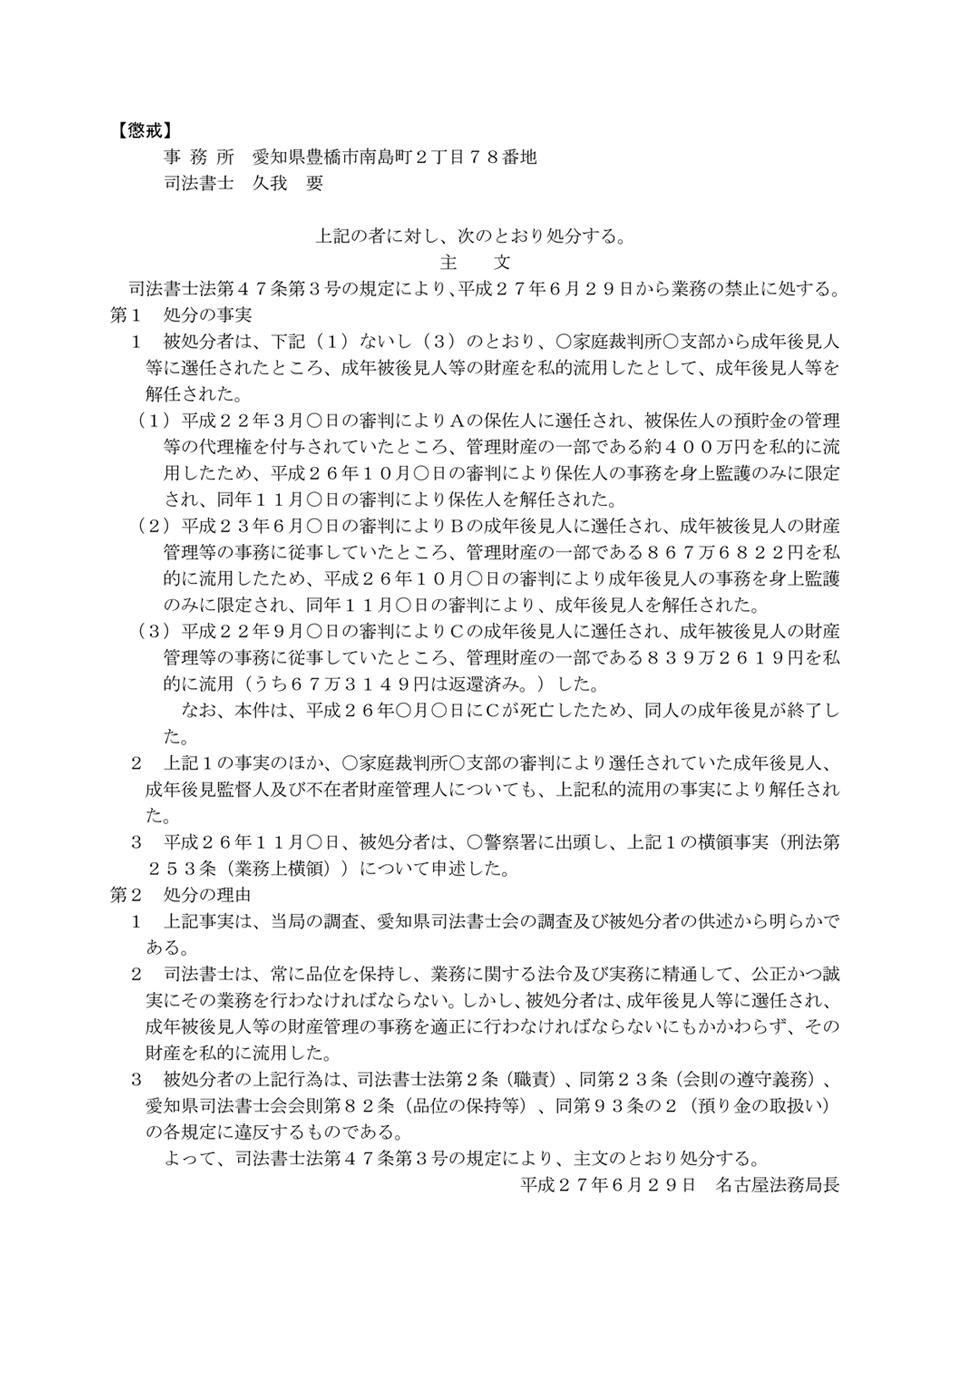 27-06-29 名古屋法務局長